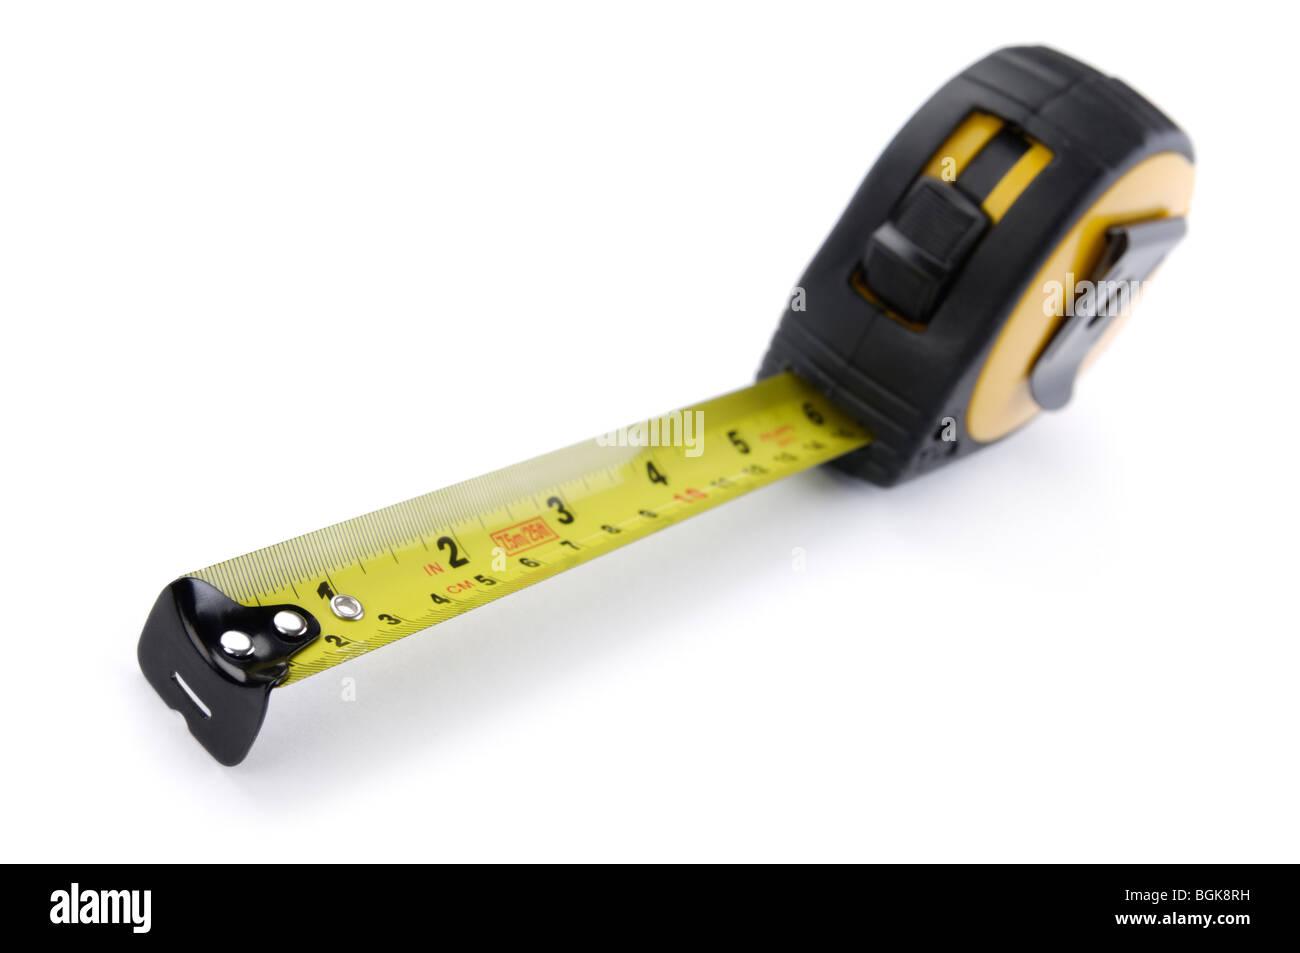 Nastro di misurazione isolata su sfondo bianco Foto Stock